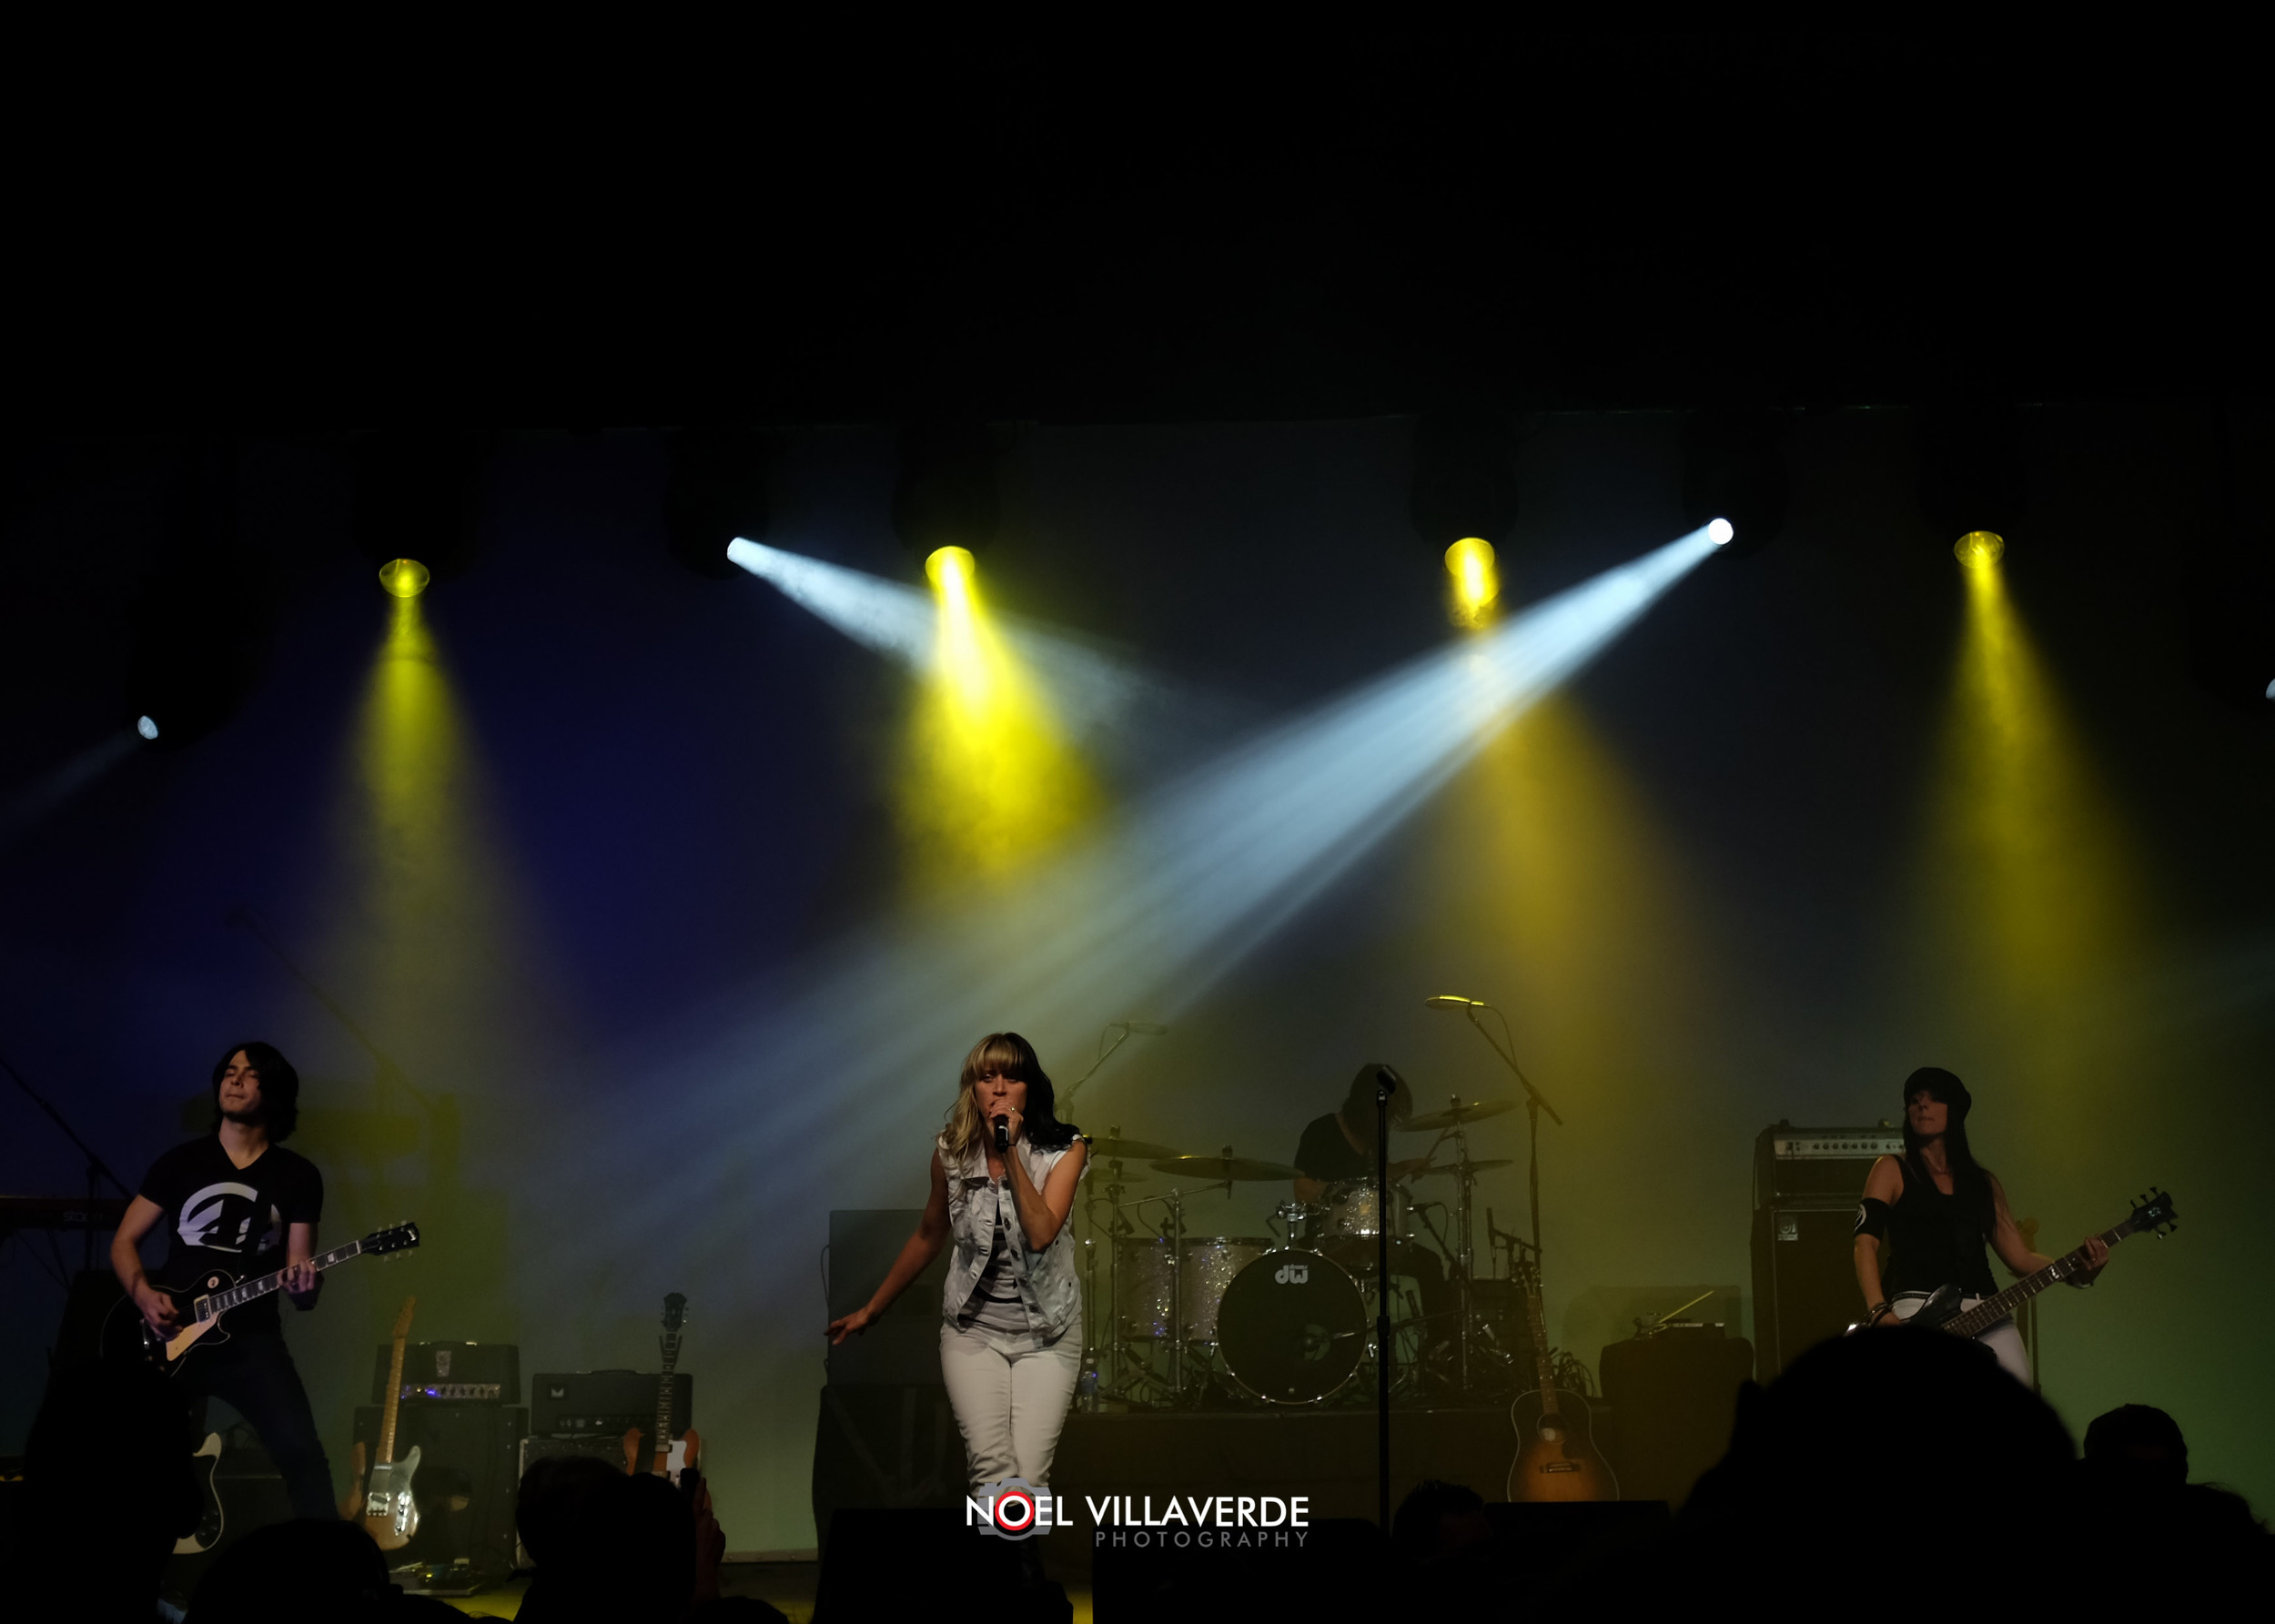 Ignition_Concert-26.jpg